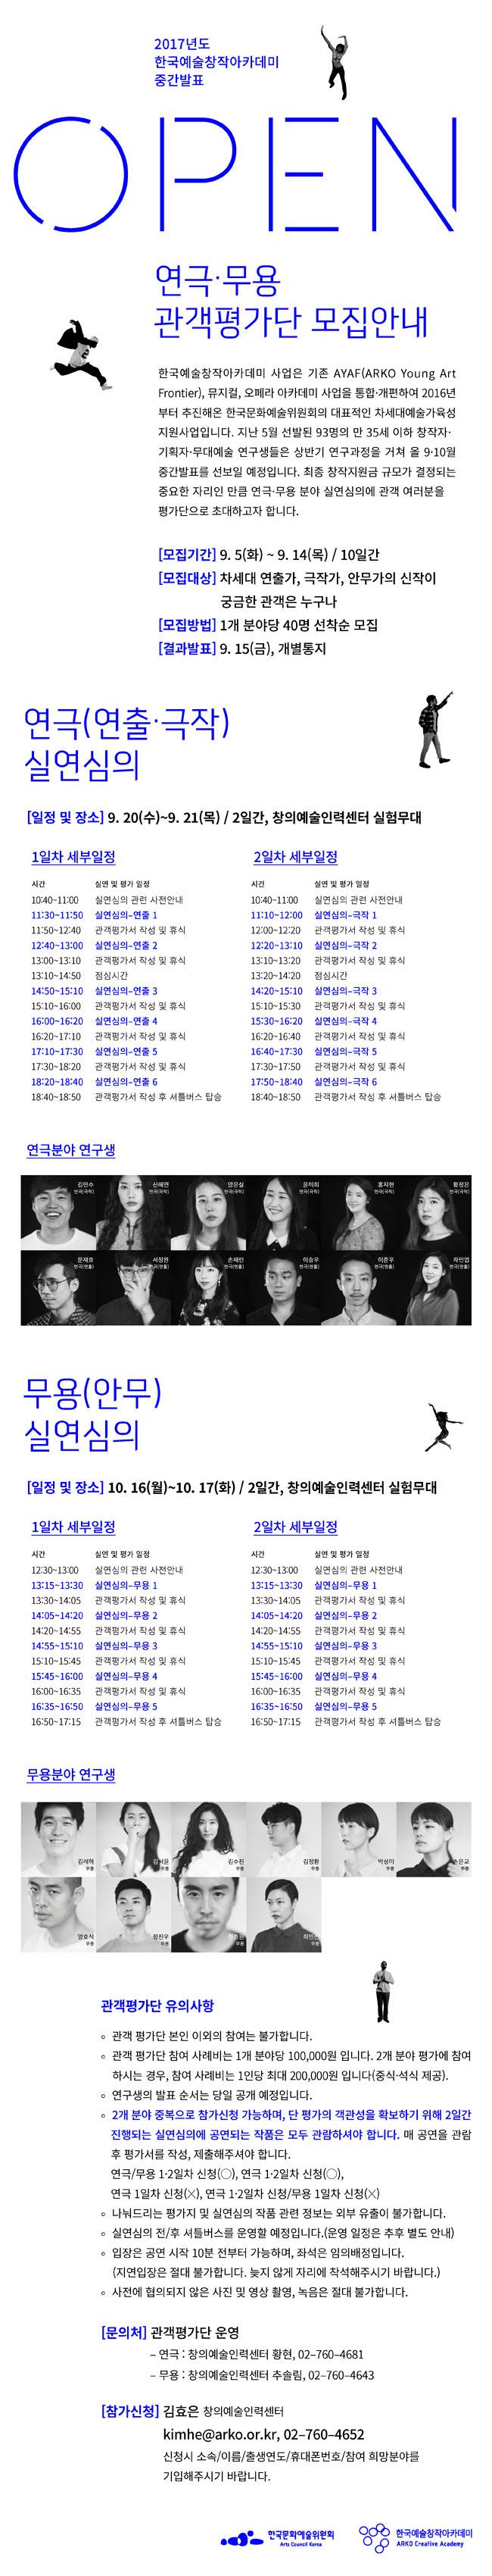 2017년도 한국예술창작아카데미 중간발표 OPEN 실연심의 관객평가단 안내 한국예술창작아카데미 사업은 기존 AYAF(ARKO Young Art Frontier), 뮤지컬, 오페라 아카데미 사업을 통합·개편하여 2016년부터 추진해온 한국문화예술위원회의 대표적인 차세대예술가육성지원사업입니다. 지난 5월 선발된 93명의 만 35세 이하 창작자·기획자·무대예술 연구생들은 상반기 연구과정을 거쳐 올 9∼10월 중간발표를 선보일 예정입니다. 최종 창작지원금 규모가 결정되는 중요한 자리인 만큼 연극·무용 분야 실연심의에 관객 여러분을 평가단으로 초대하고자 합니다. [모집기간] 9.5(화) ~ 9.14(목)/ 10일간[모집대상] 차세대 연출가, 극작가, 안무가의 신작이 궁금한 관객은 누구나[모집방법] 1개 분야당 40명 선착순 모집[결과발표] 9.15(금), 개별통지